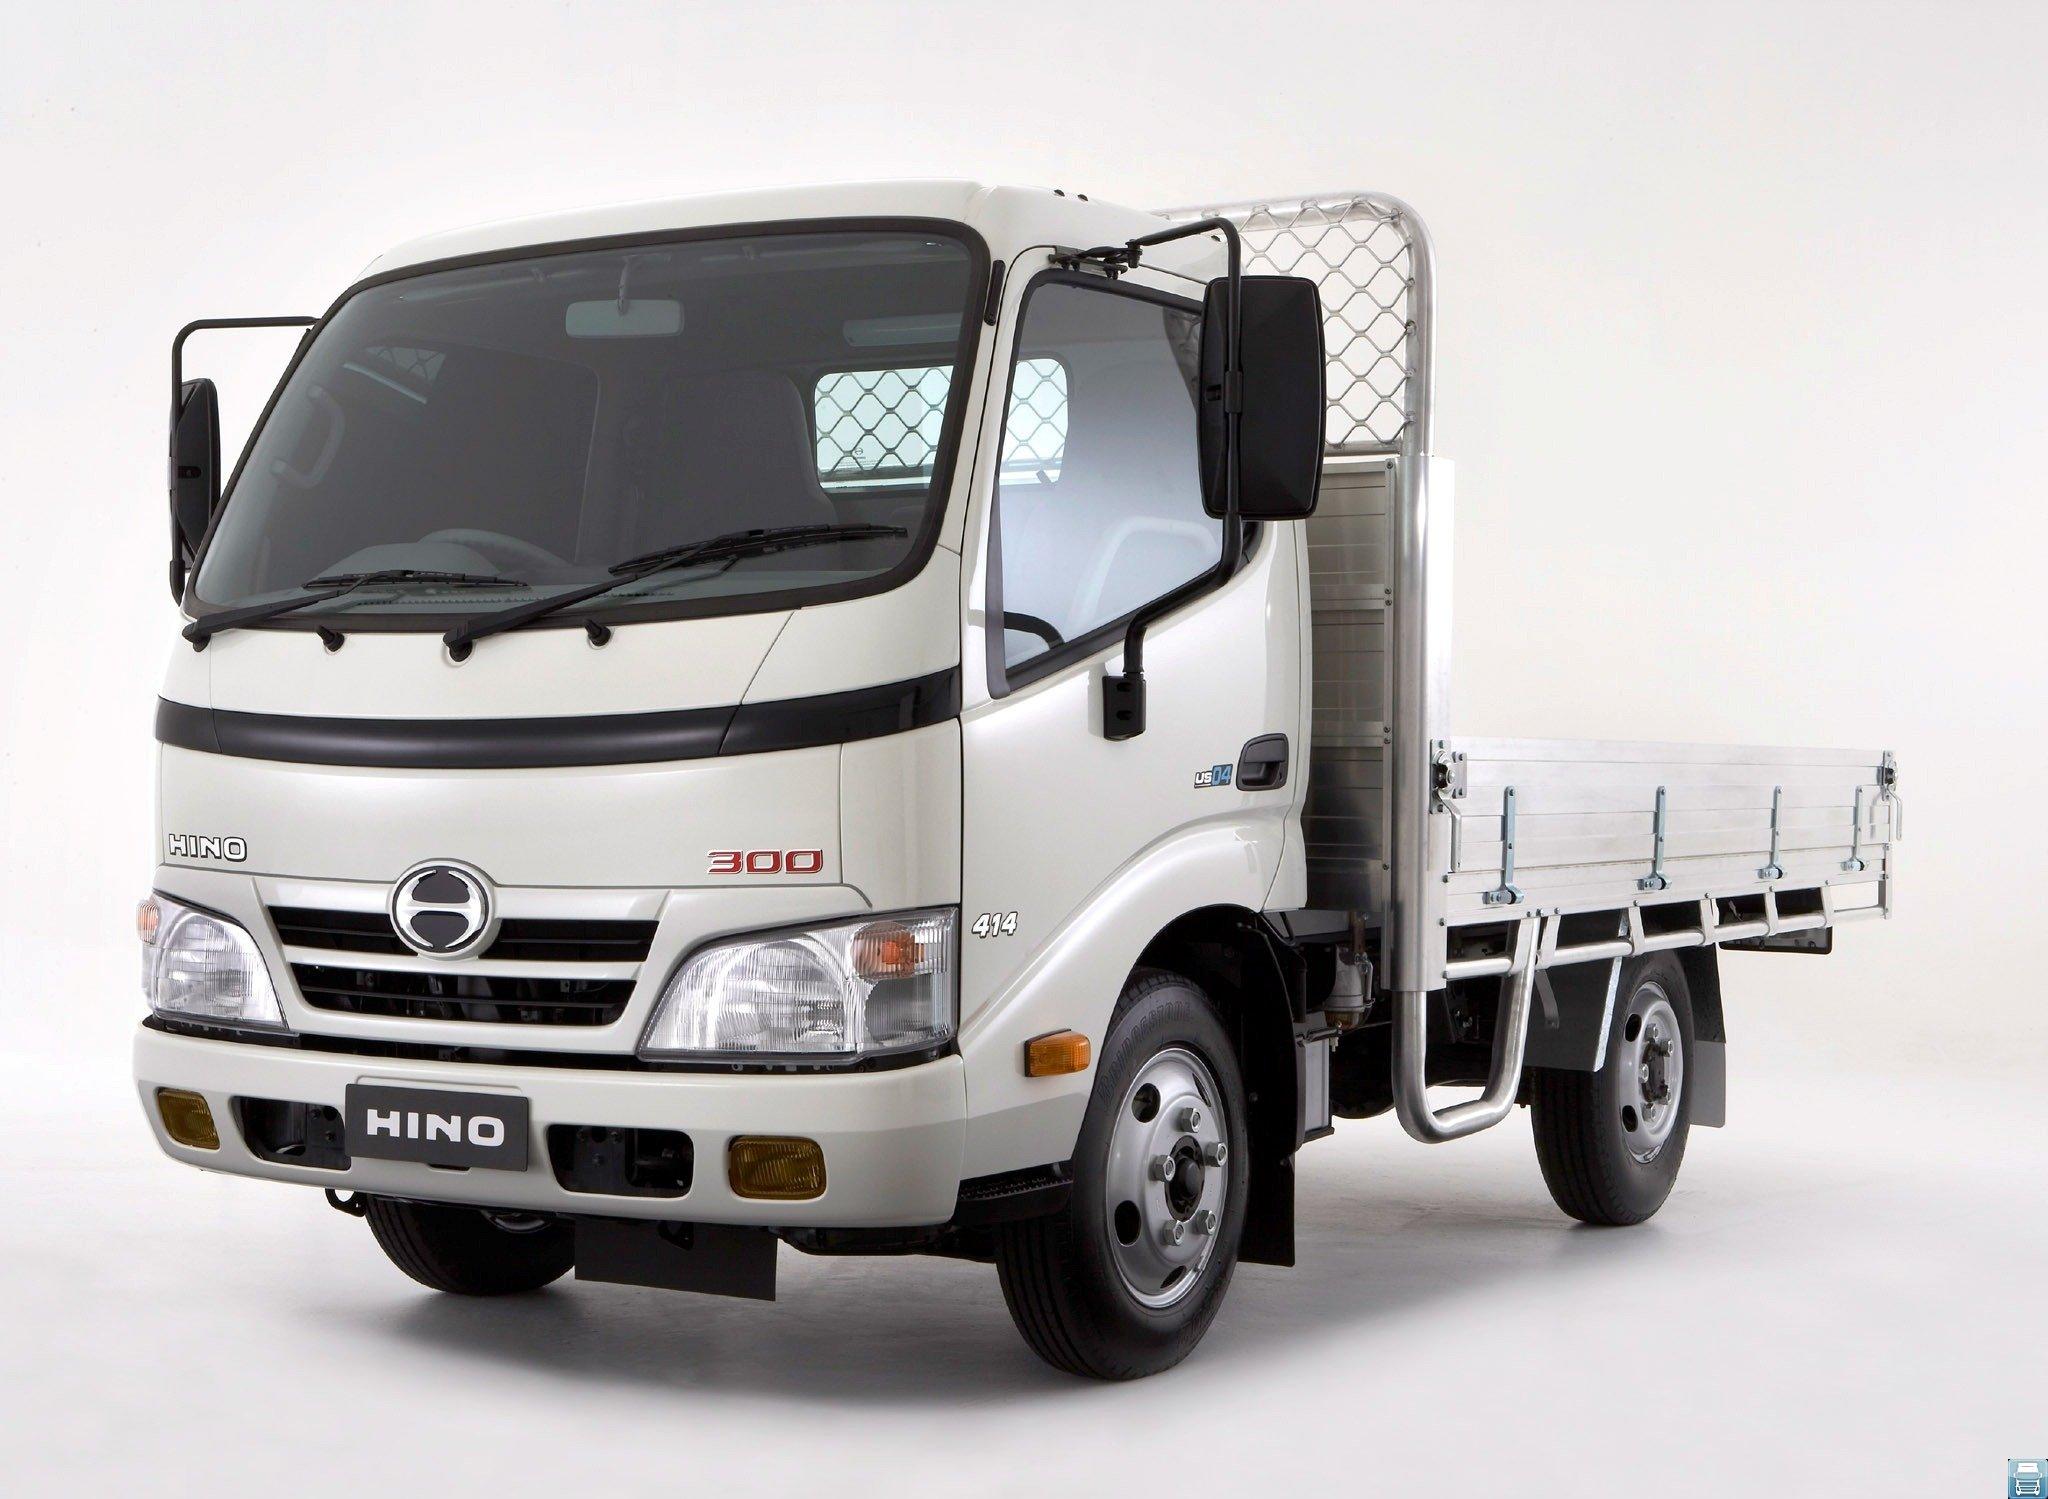 Практичный и удобный японский грузовик Hino 300